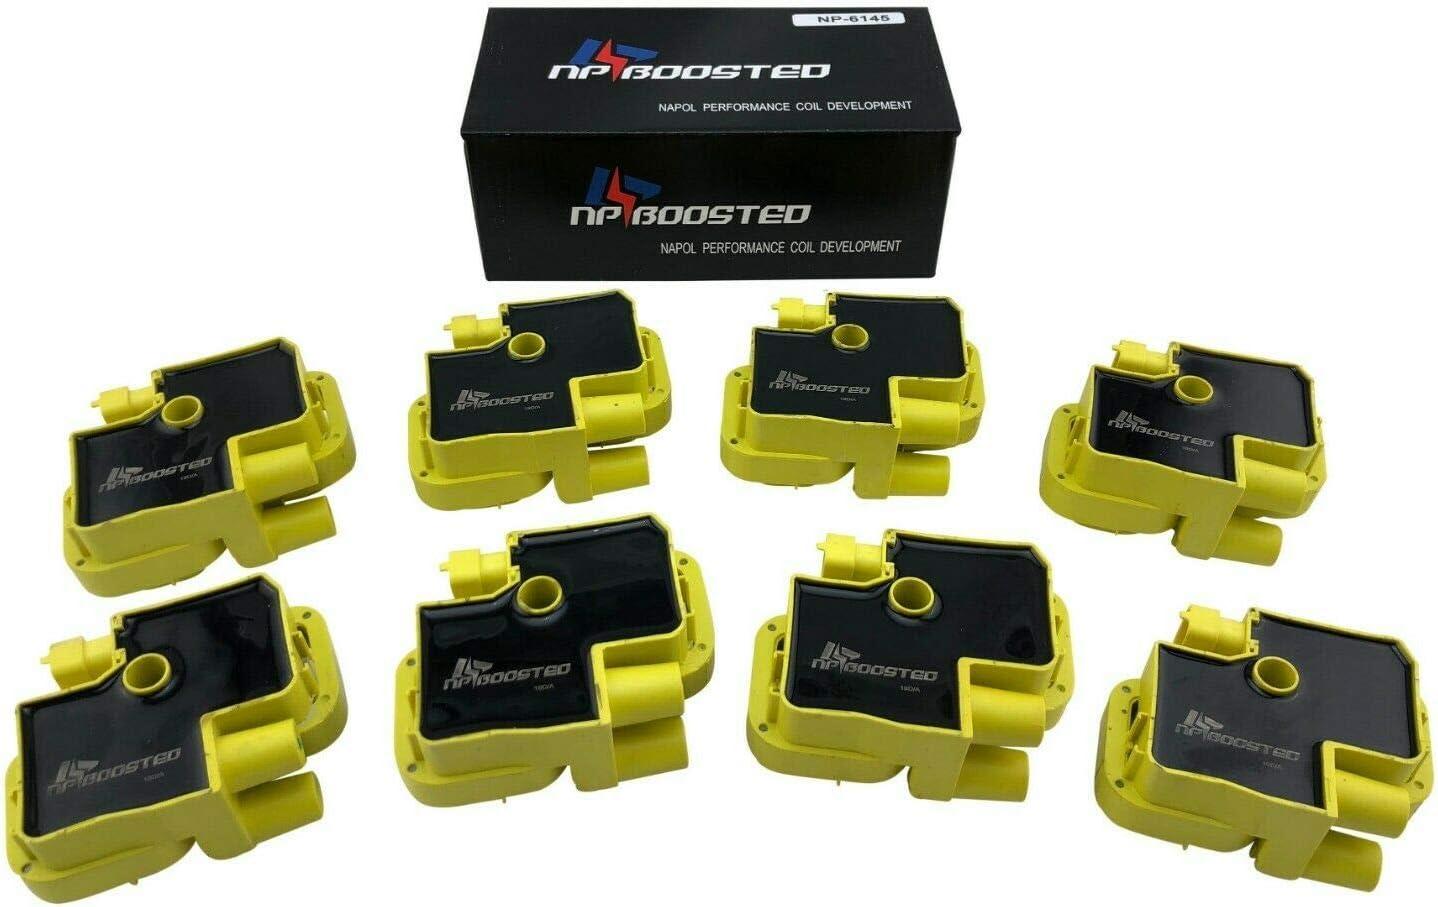 8 Pack Ignition Coils for 1997-2011 CL500 CL55 AMG CLK500 CL55 E430 E500 E55 G55 G500 ML500 ML55 AMG S430 S500 S55 SL500 SL55 SLK55